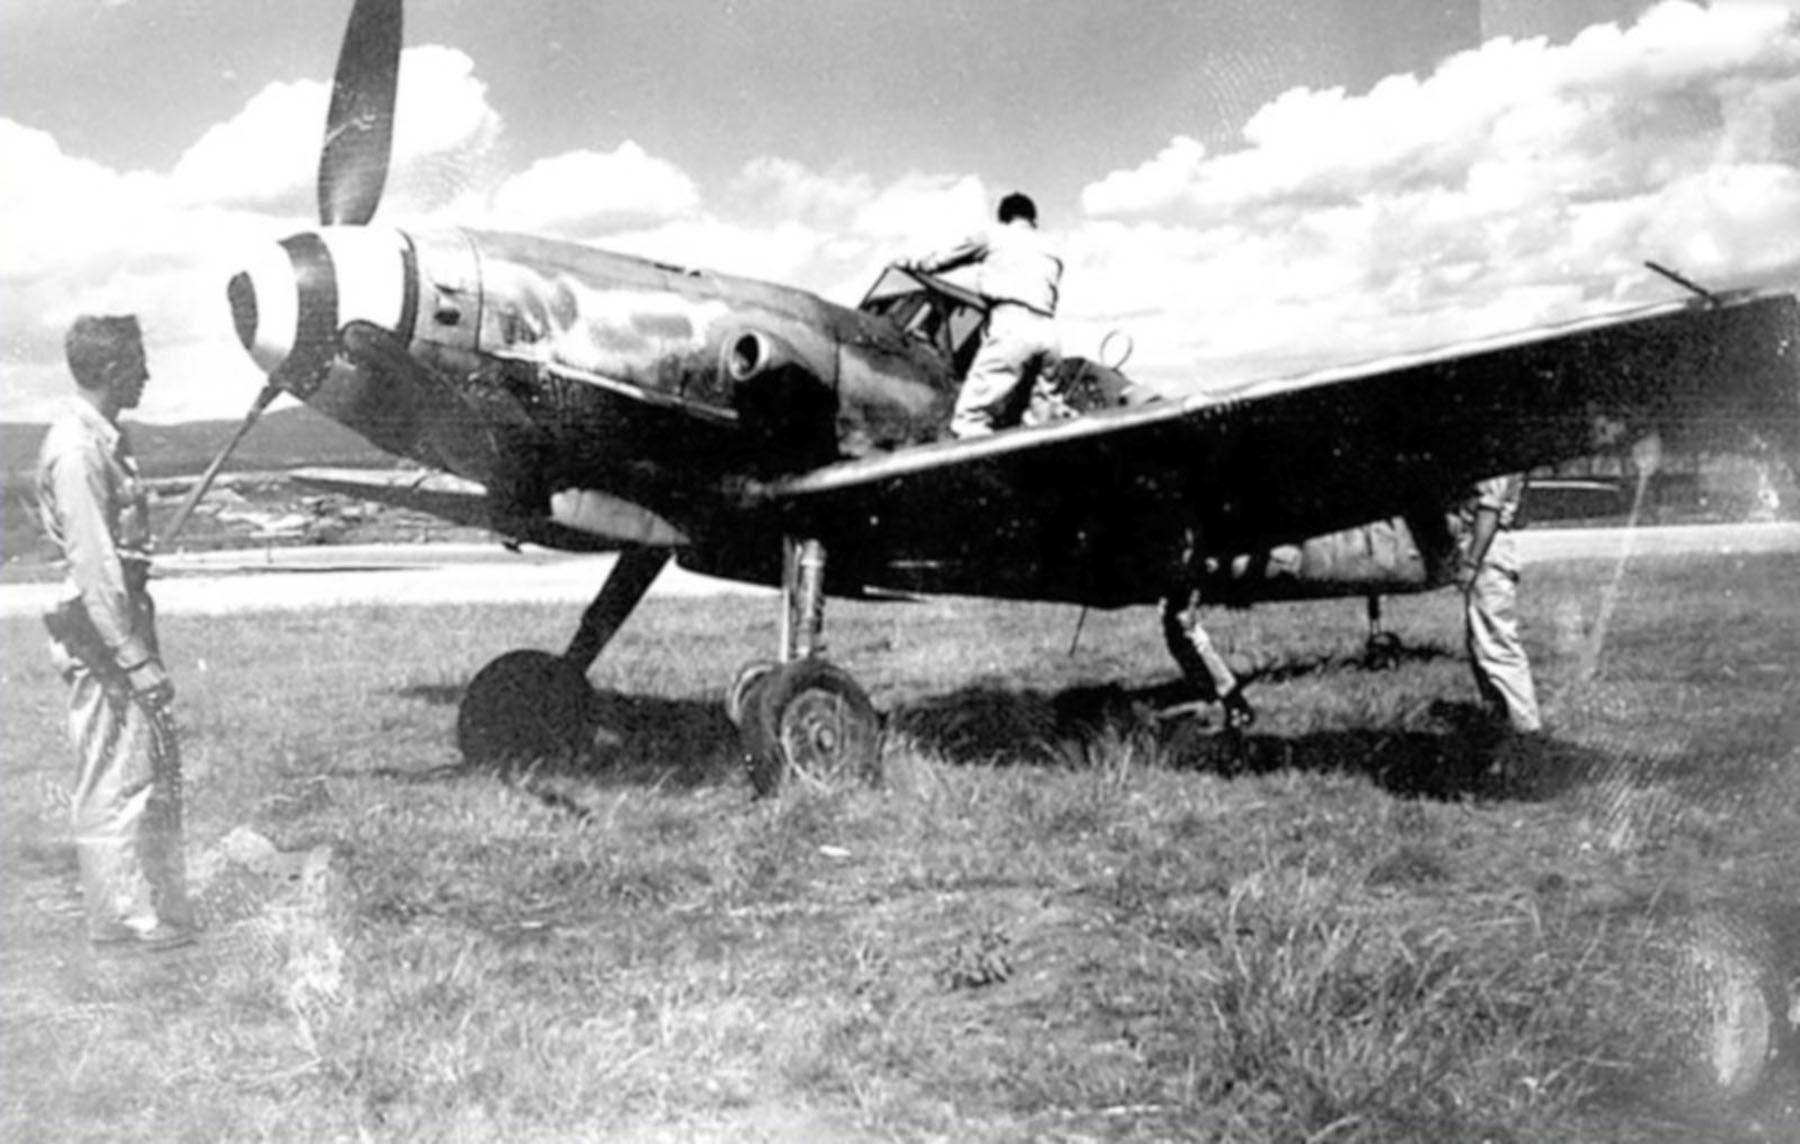 Messerschmitt Bf 109G14AS Erla Reichsverteidigung White 4 WNr 786316 unknown unit and pilot Feb 1945 05